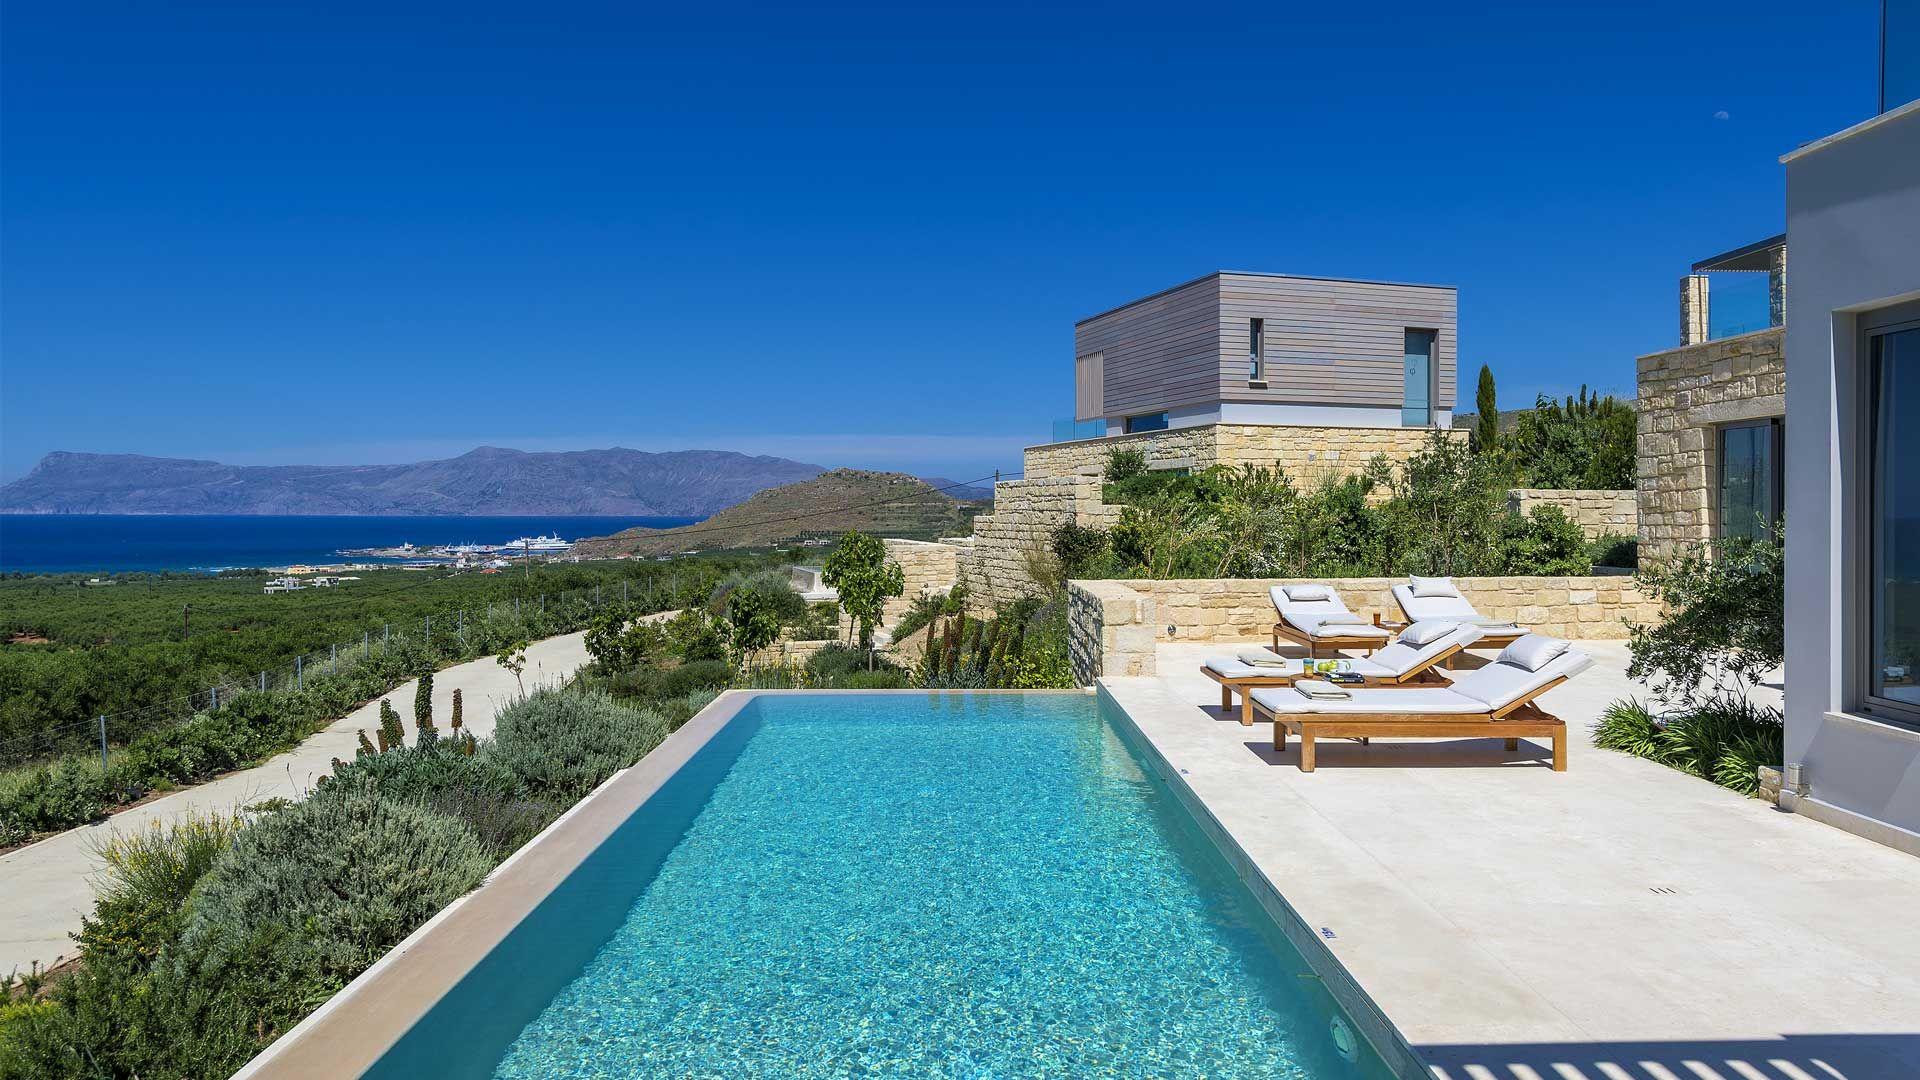 Villa Charisma in Crete Greece villanovo villa luxury